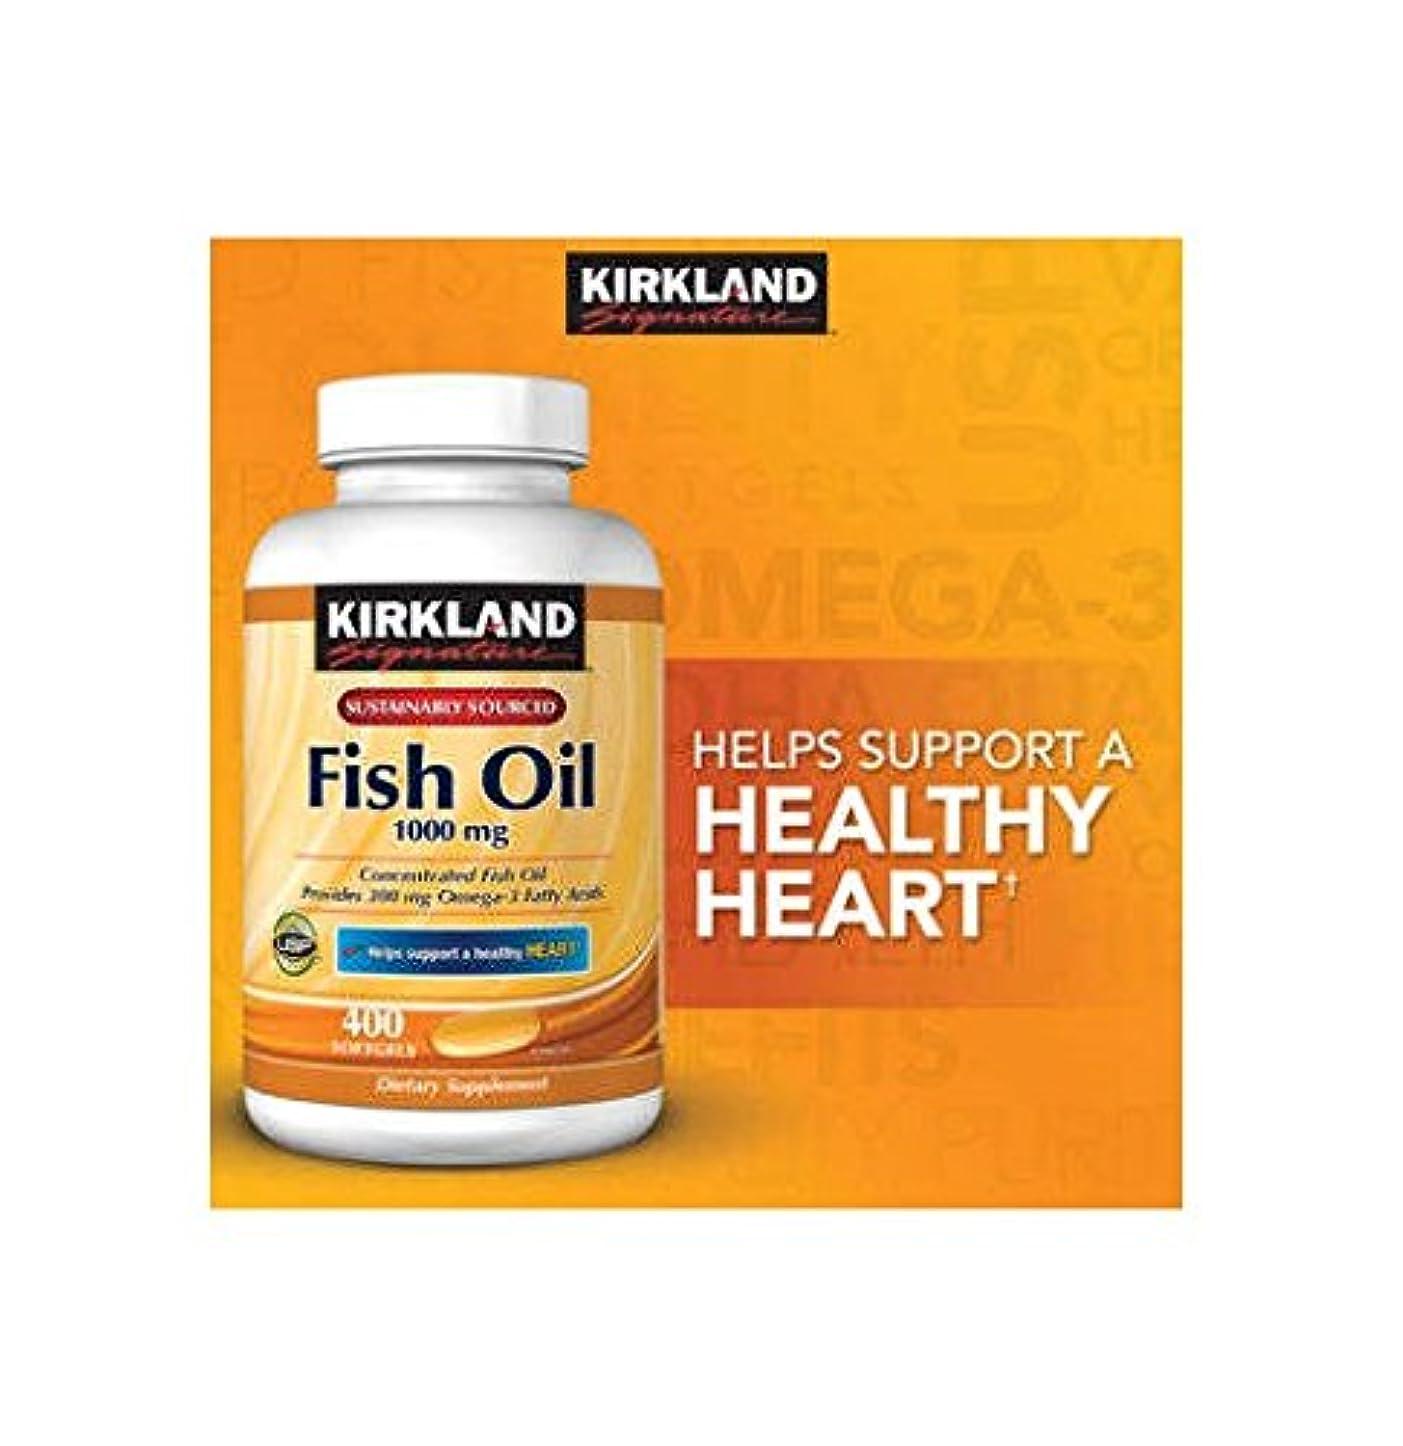 まもなく入口刺しますKirkland Signature Omega-3 Fish Oil Concentrate, 400 Softgels, 1000 mg Fish Oil with 30% Omega-3s (300 mg) 1200...